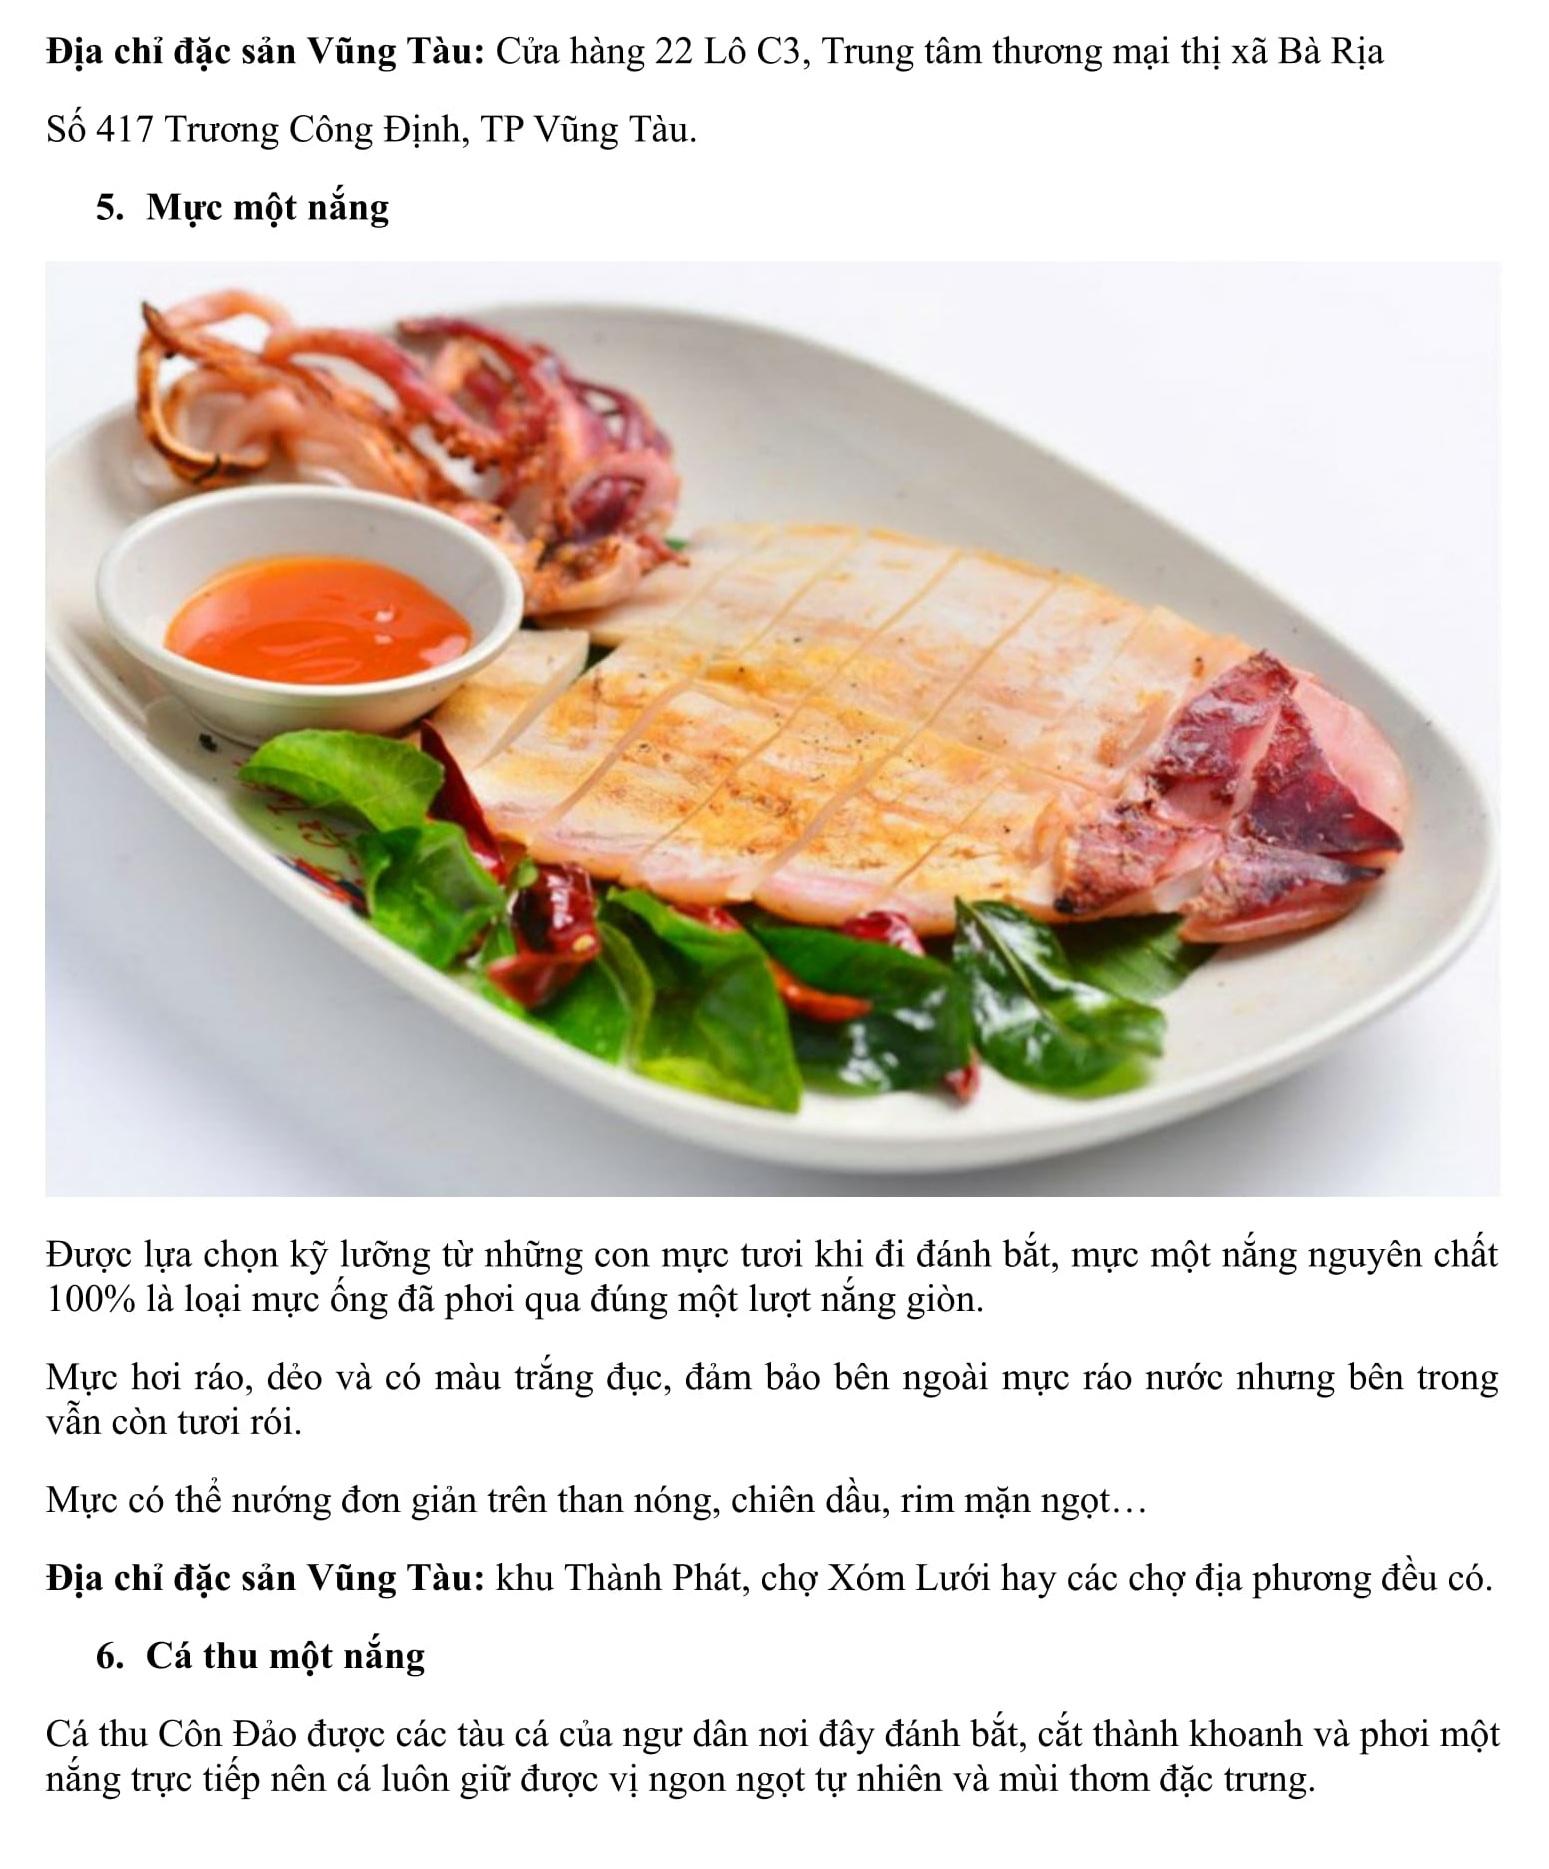 Mẫu bài viết chuẩn seo du lịch/tour tham quan/địa điểm du lịch/ẩm thực/món ăn